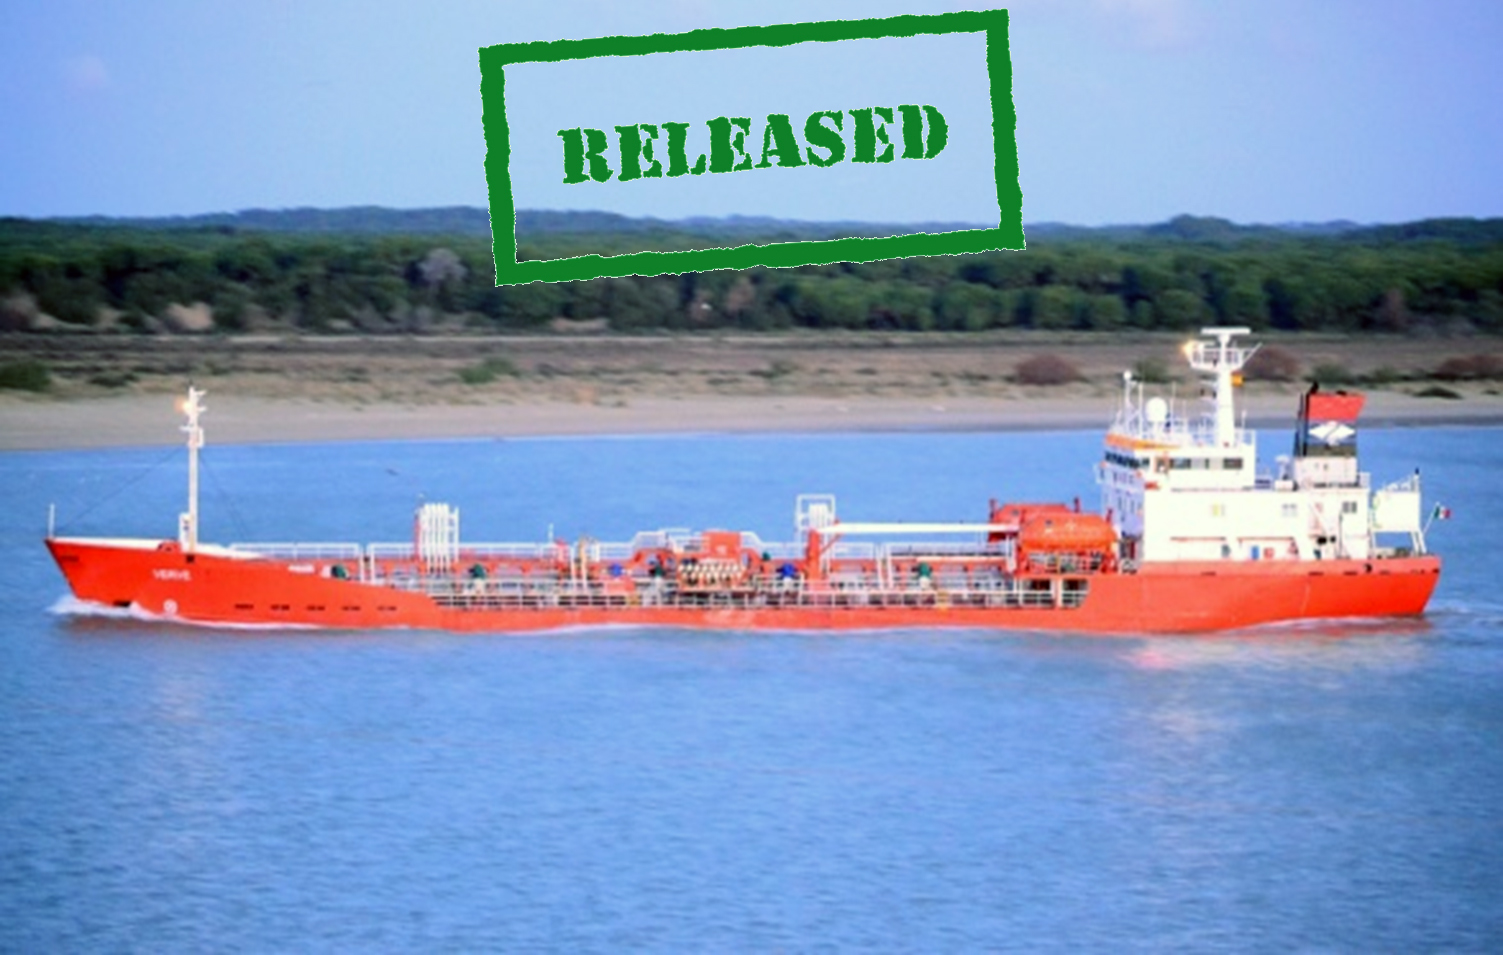 Ship Release in Spain